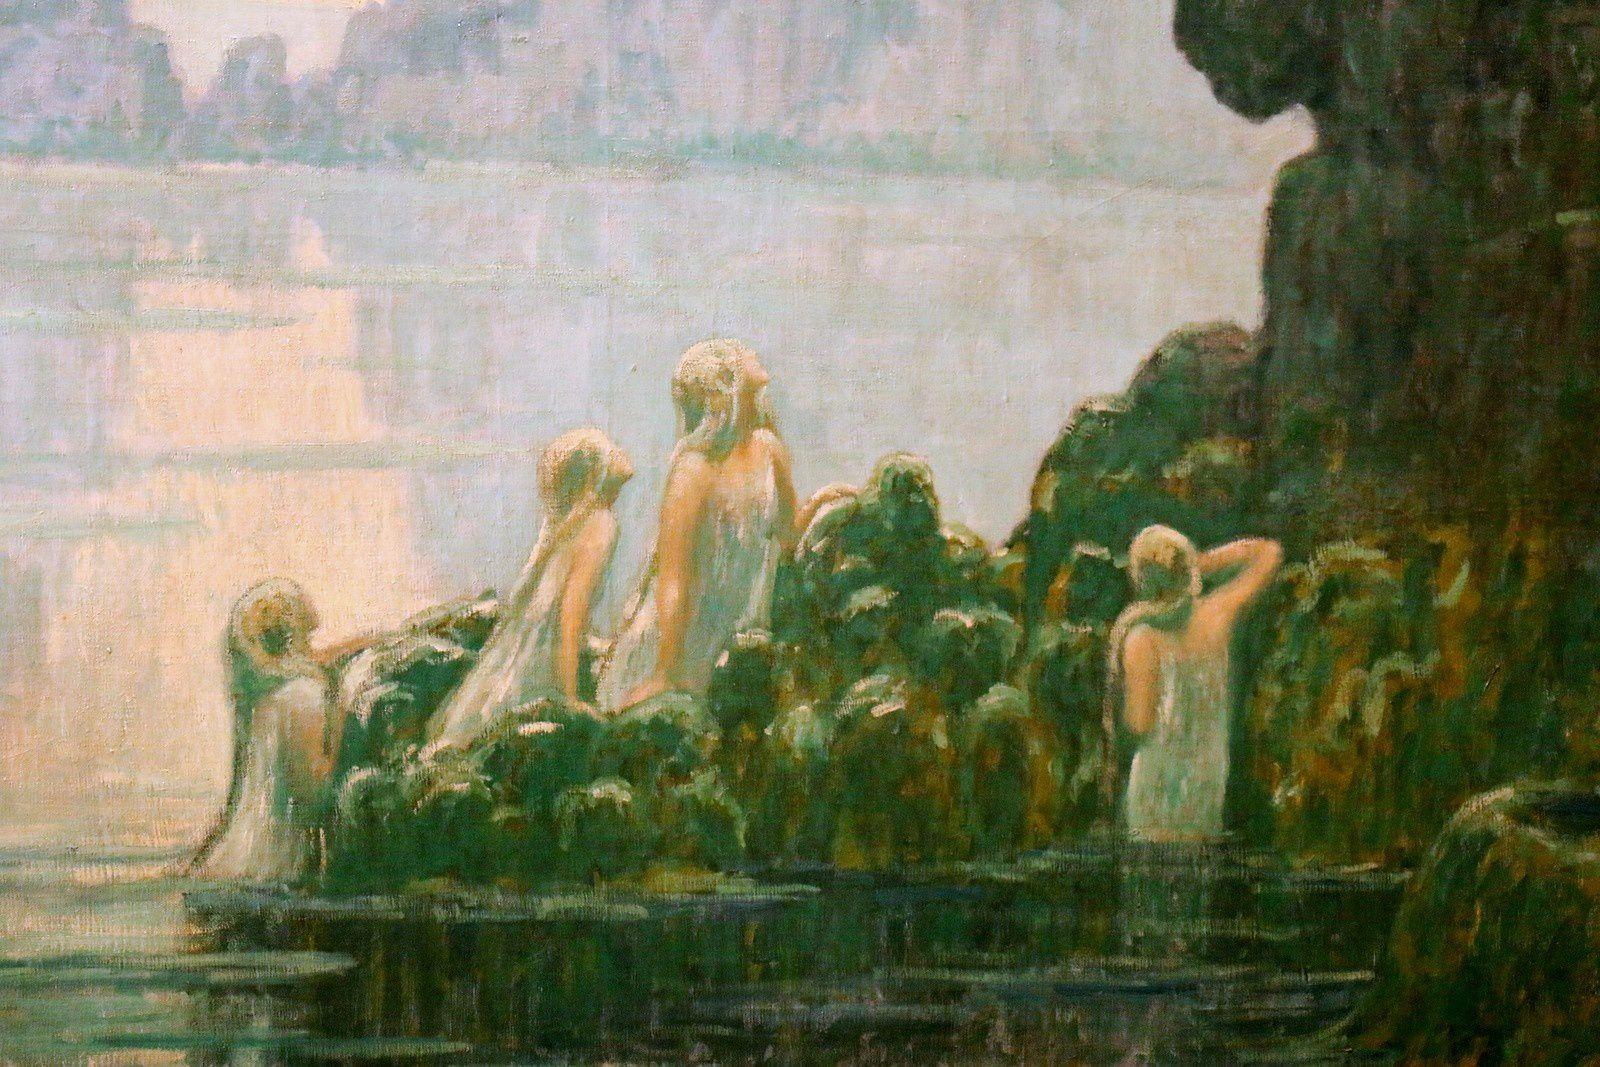 Les Nymphes, la forêt et la mer, tableau de Francis Aubertin